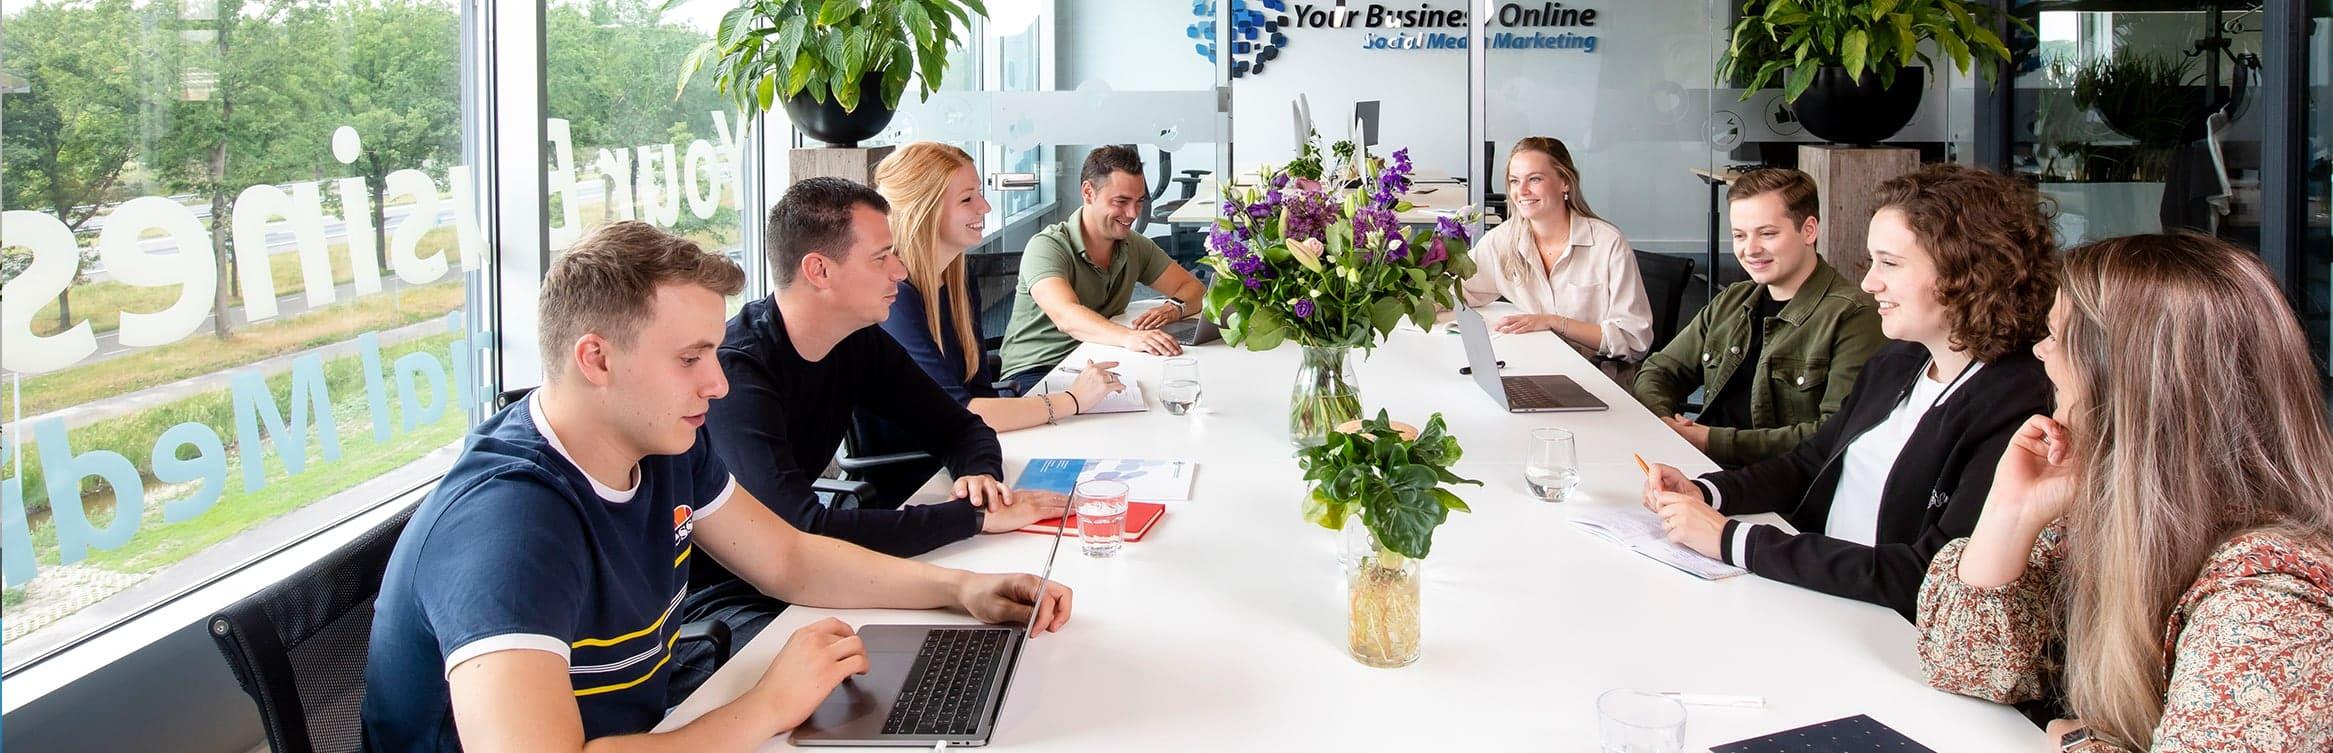 groepsfoto vergaderruimte